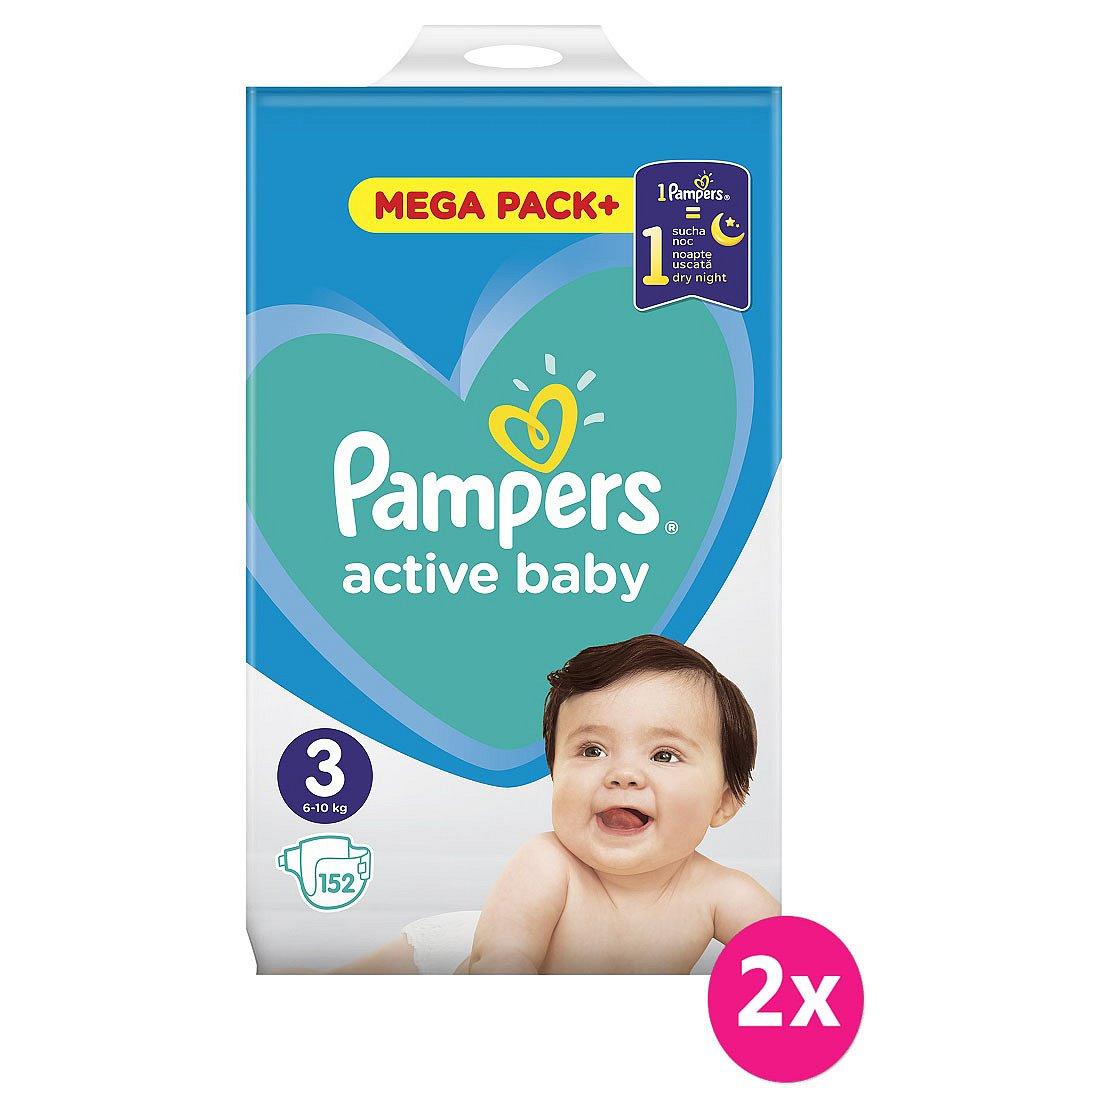 2x PAMPERS Active Baby 3 (6-10kg) 152ks MEGA PACK – jednorázové pleny